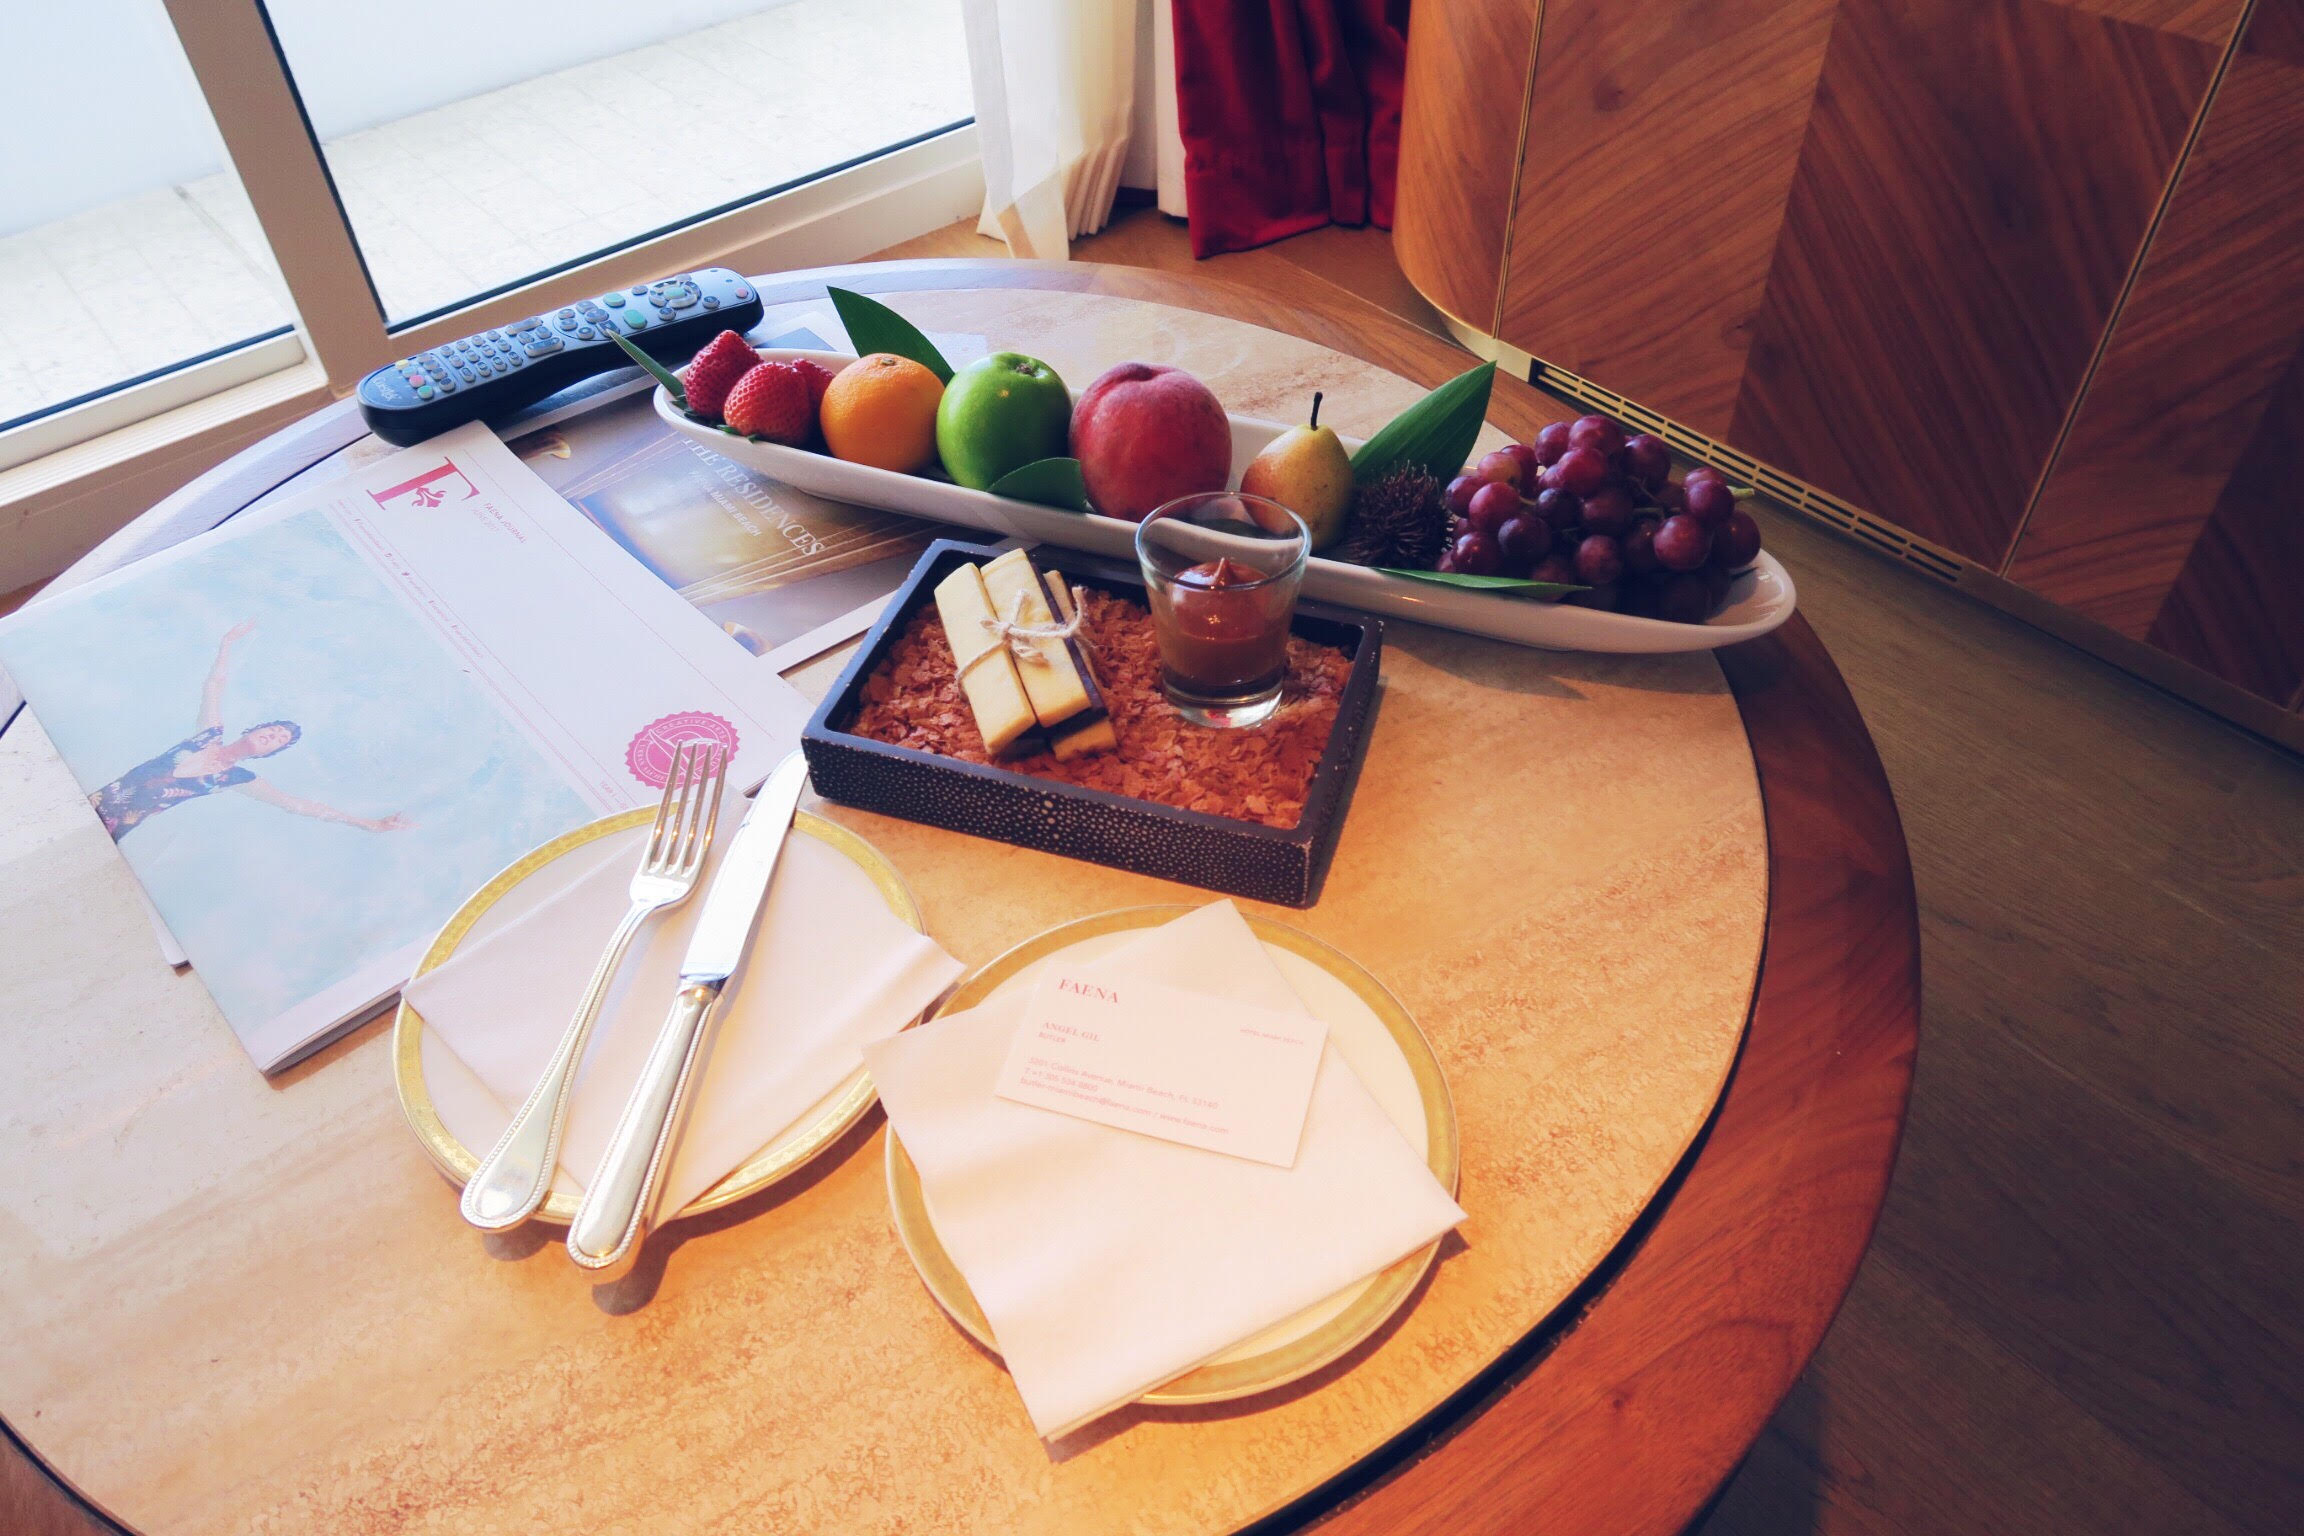 the best service miami beach faena hotel fruits treats .jpg